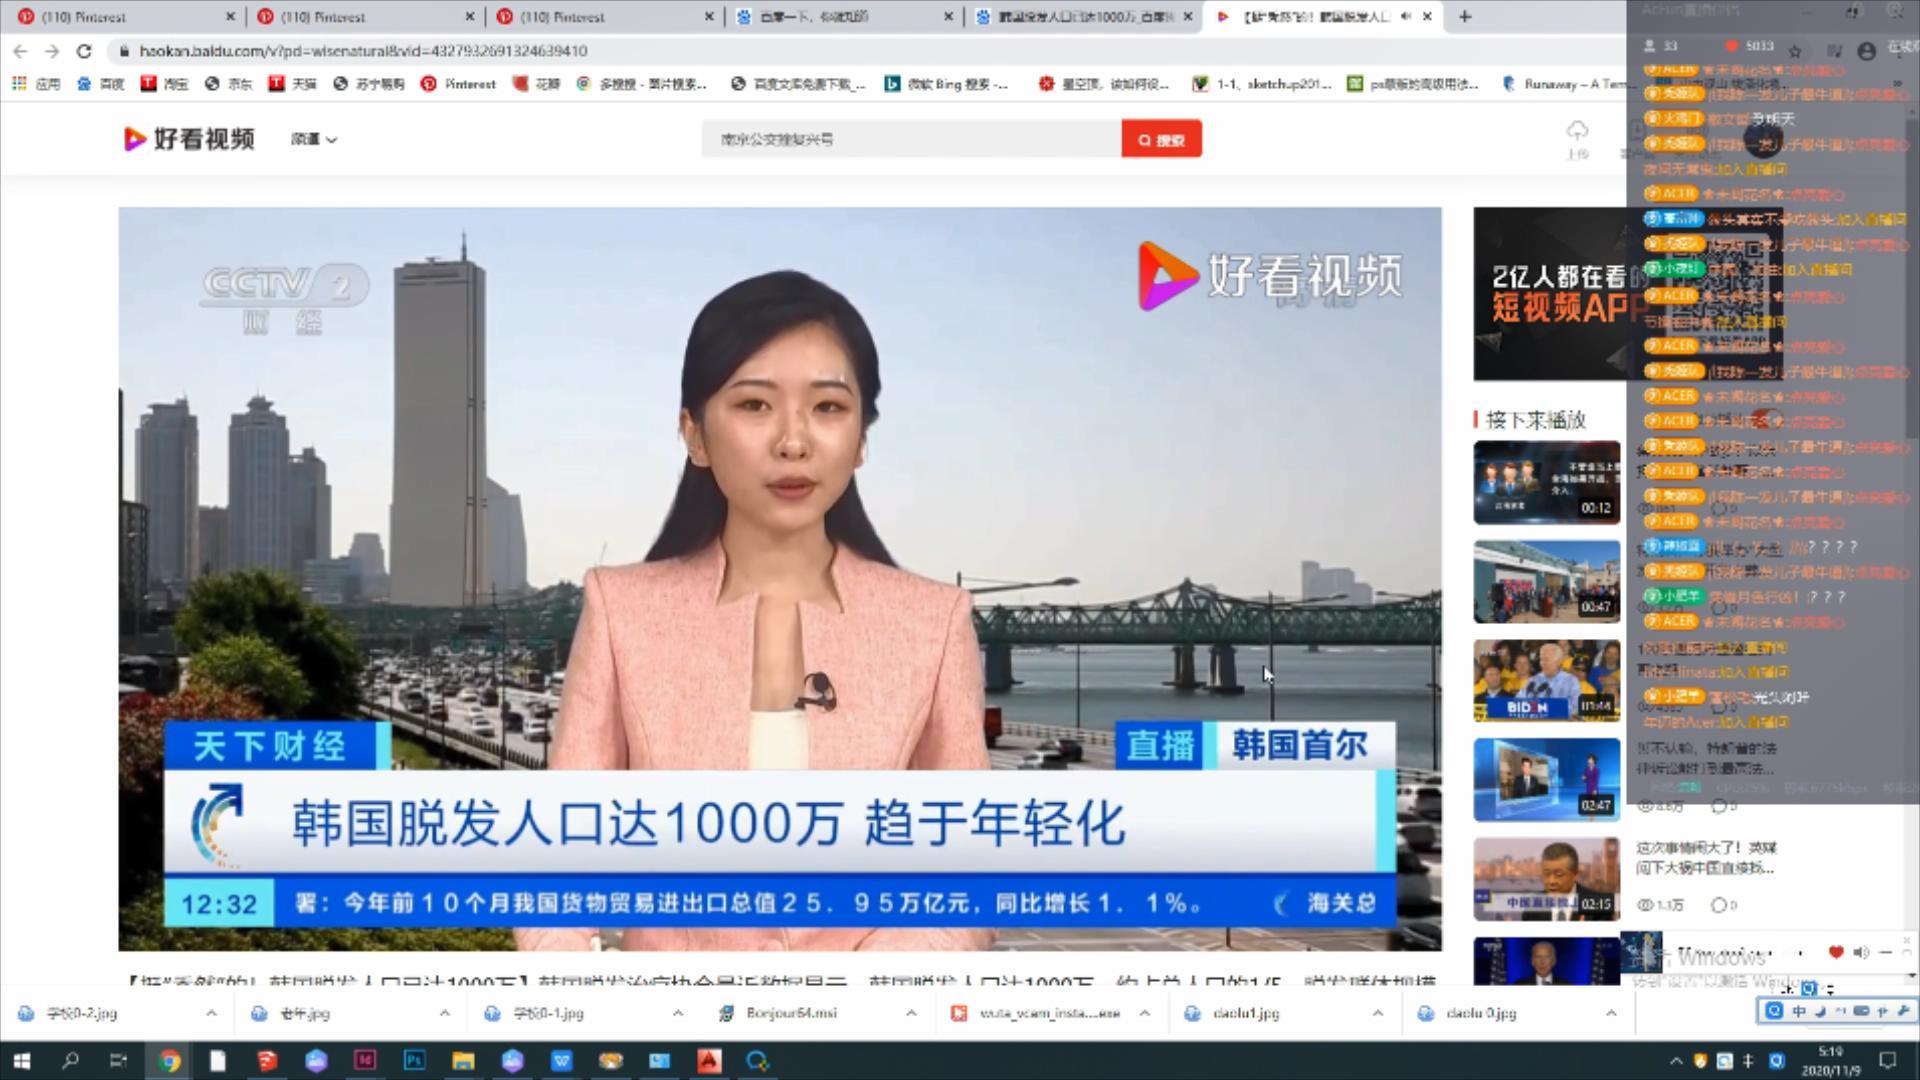 【不爱吃草的阿咩】11.9直播录像 打工人的一天从加班开始